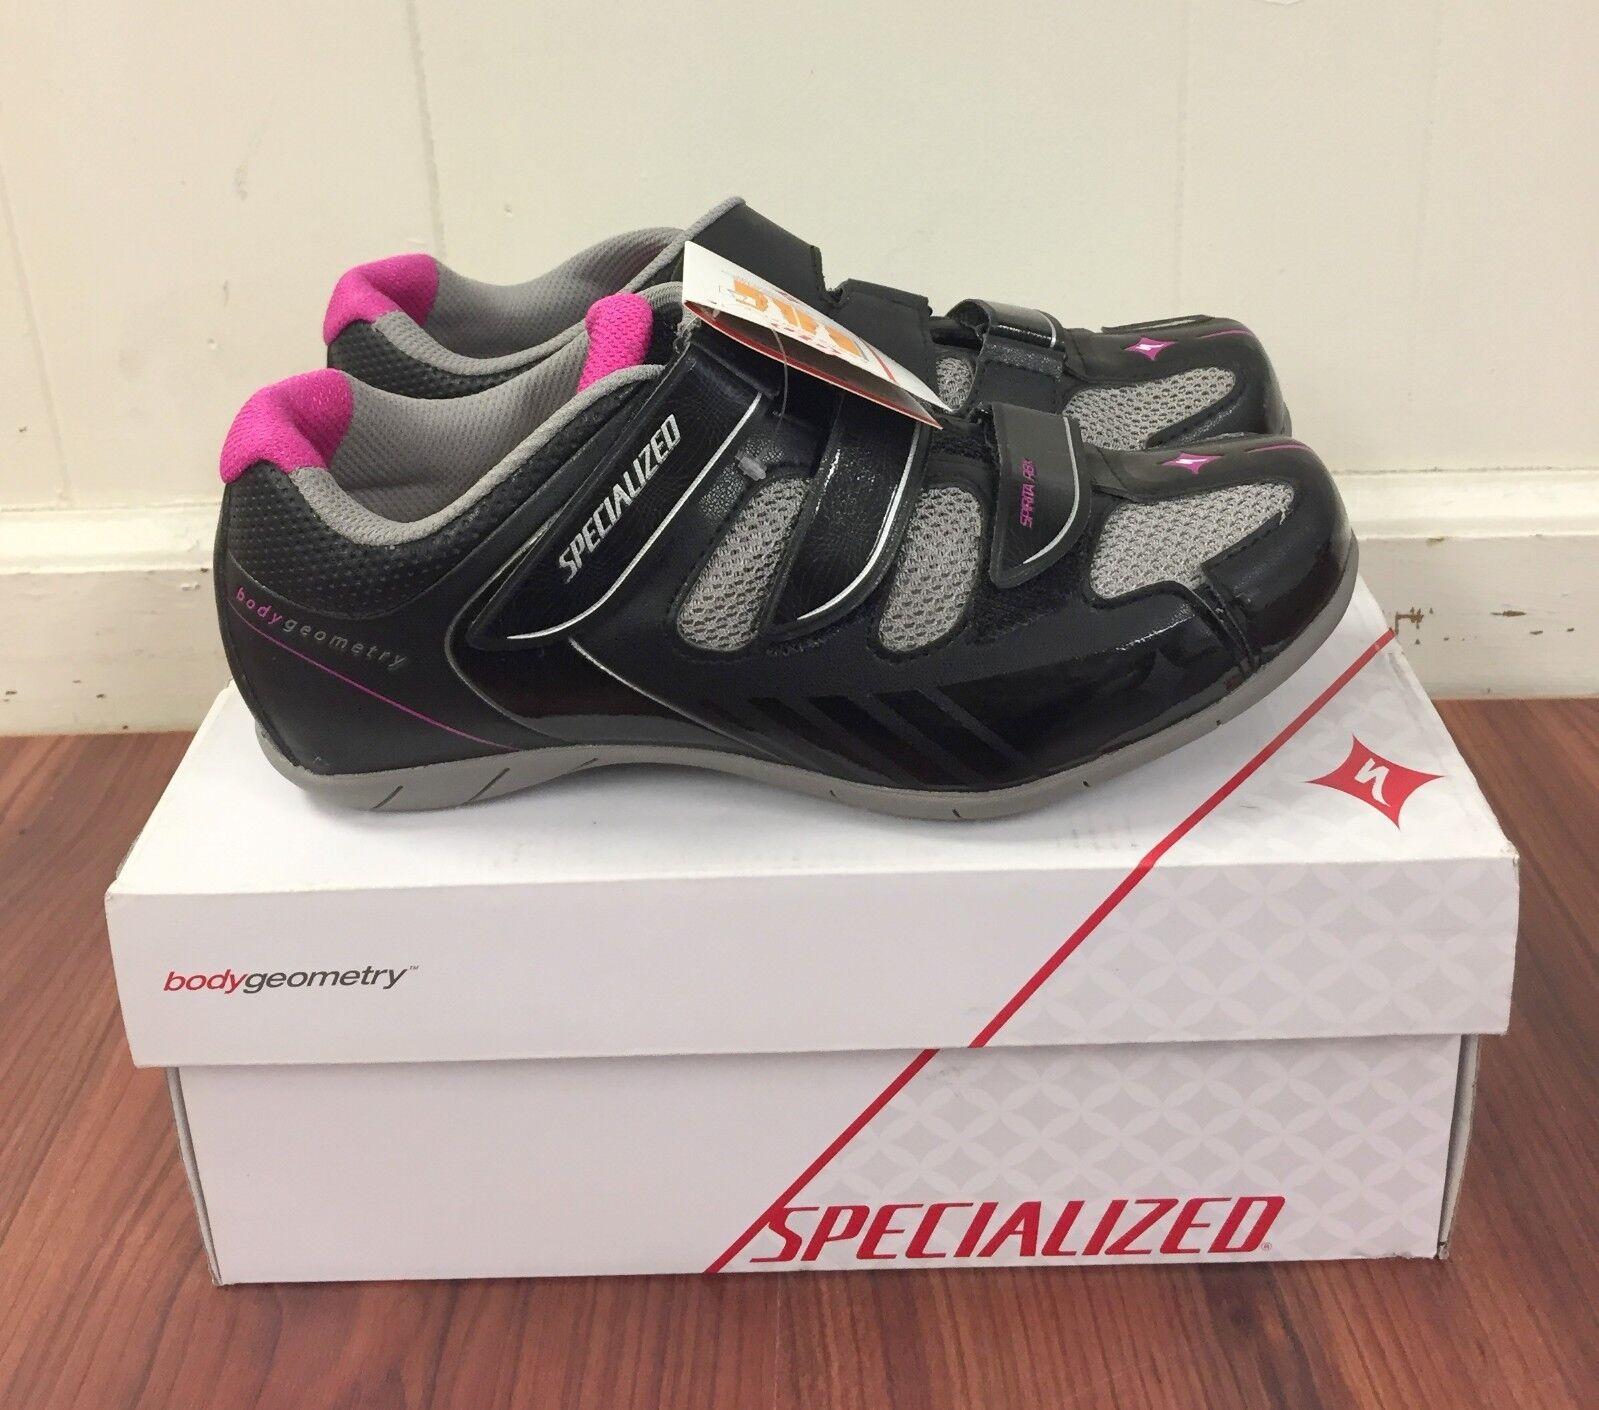 Specialized mujer spirita Rbx ciclismo zapatos talla  37 EU 6.5 Nos Nuevo En Caja  barato y de alta calidad